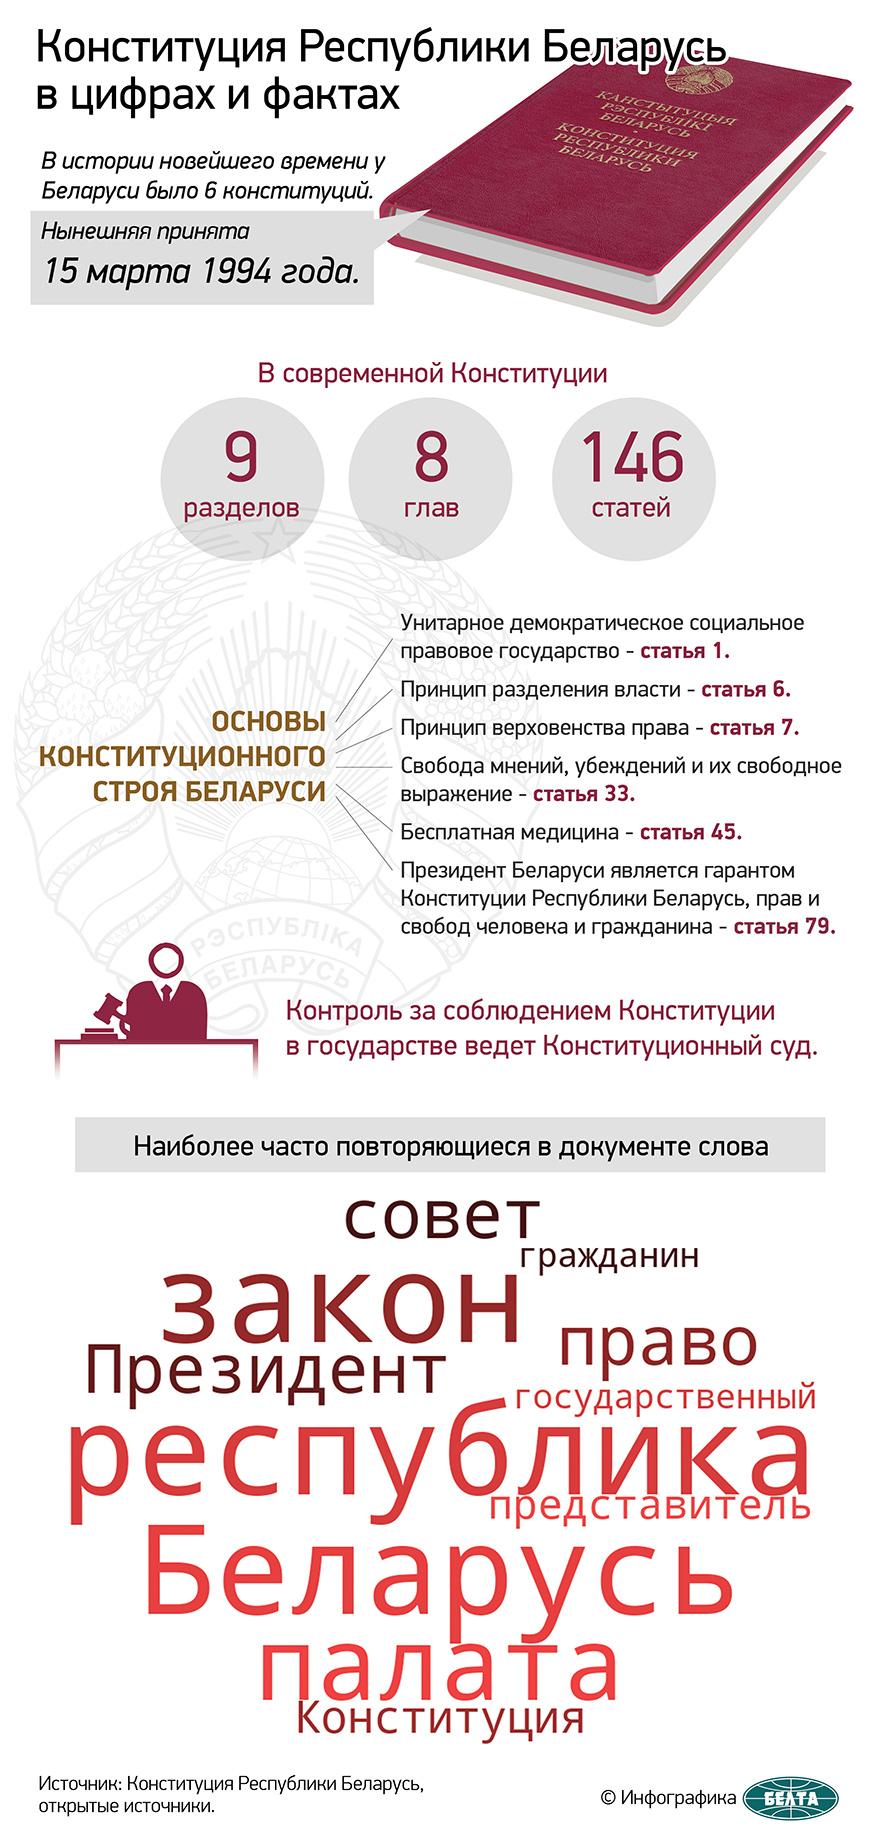 Конституция Республики Беларусь в цифрах и фактах